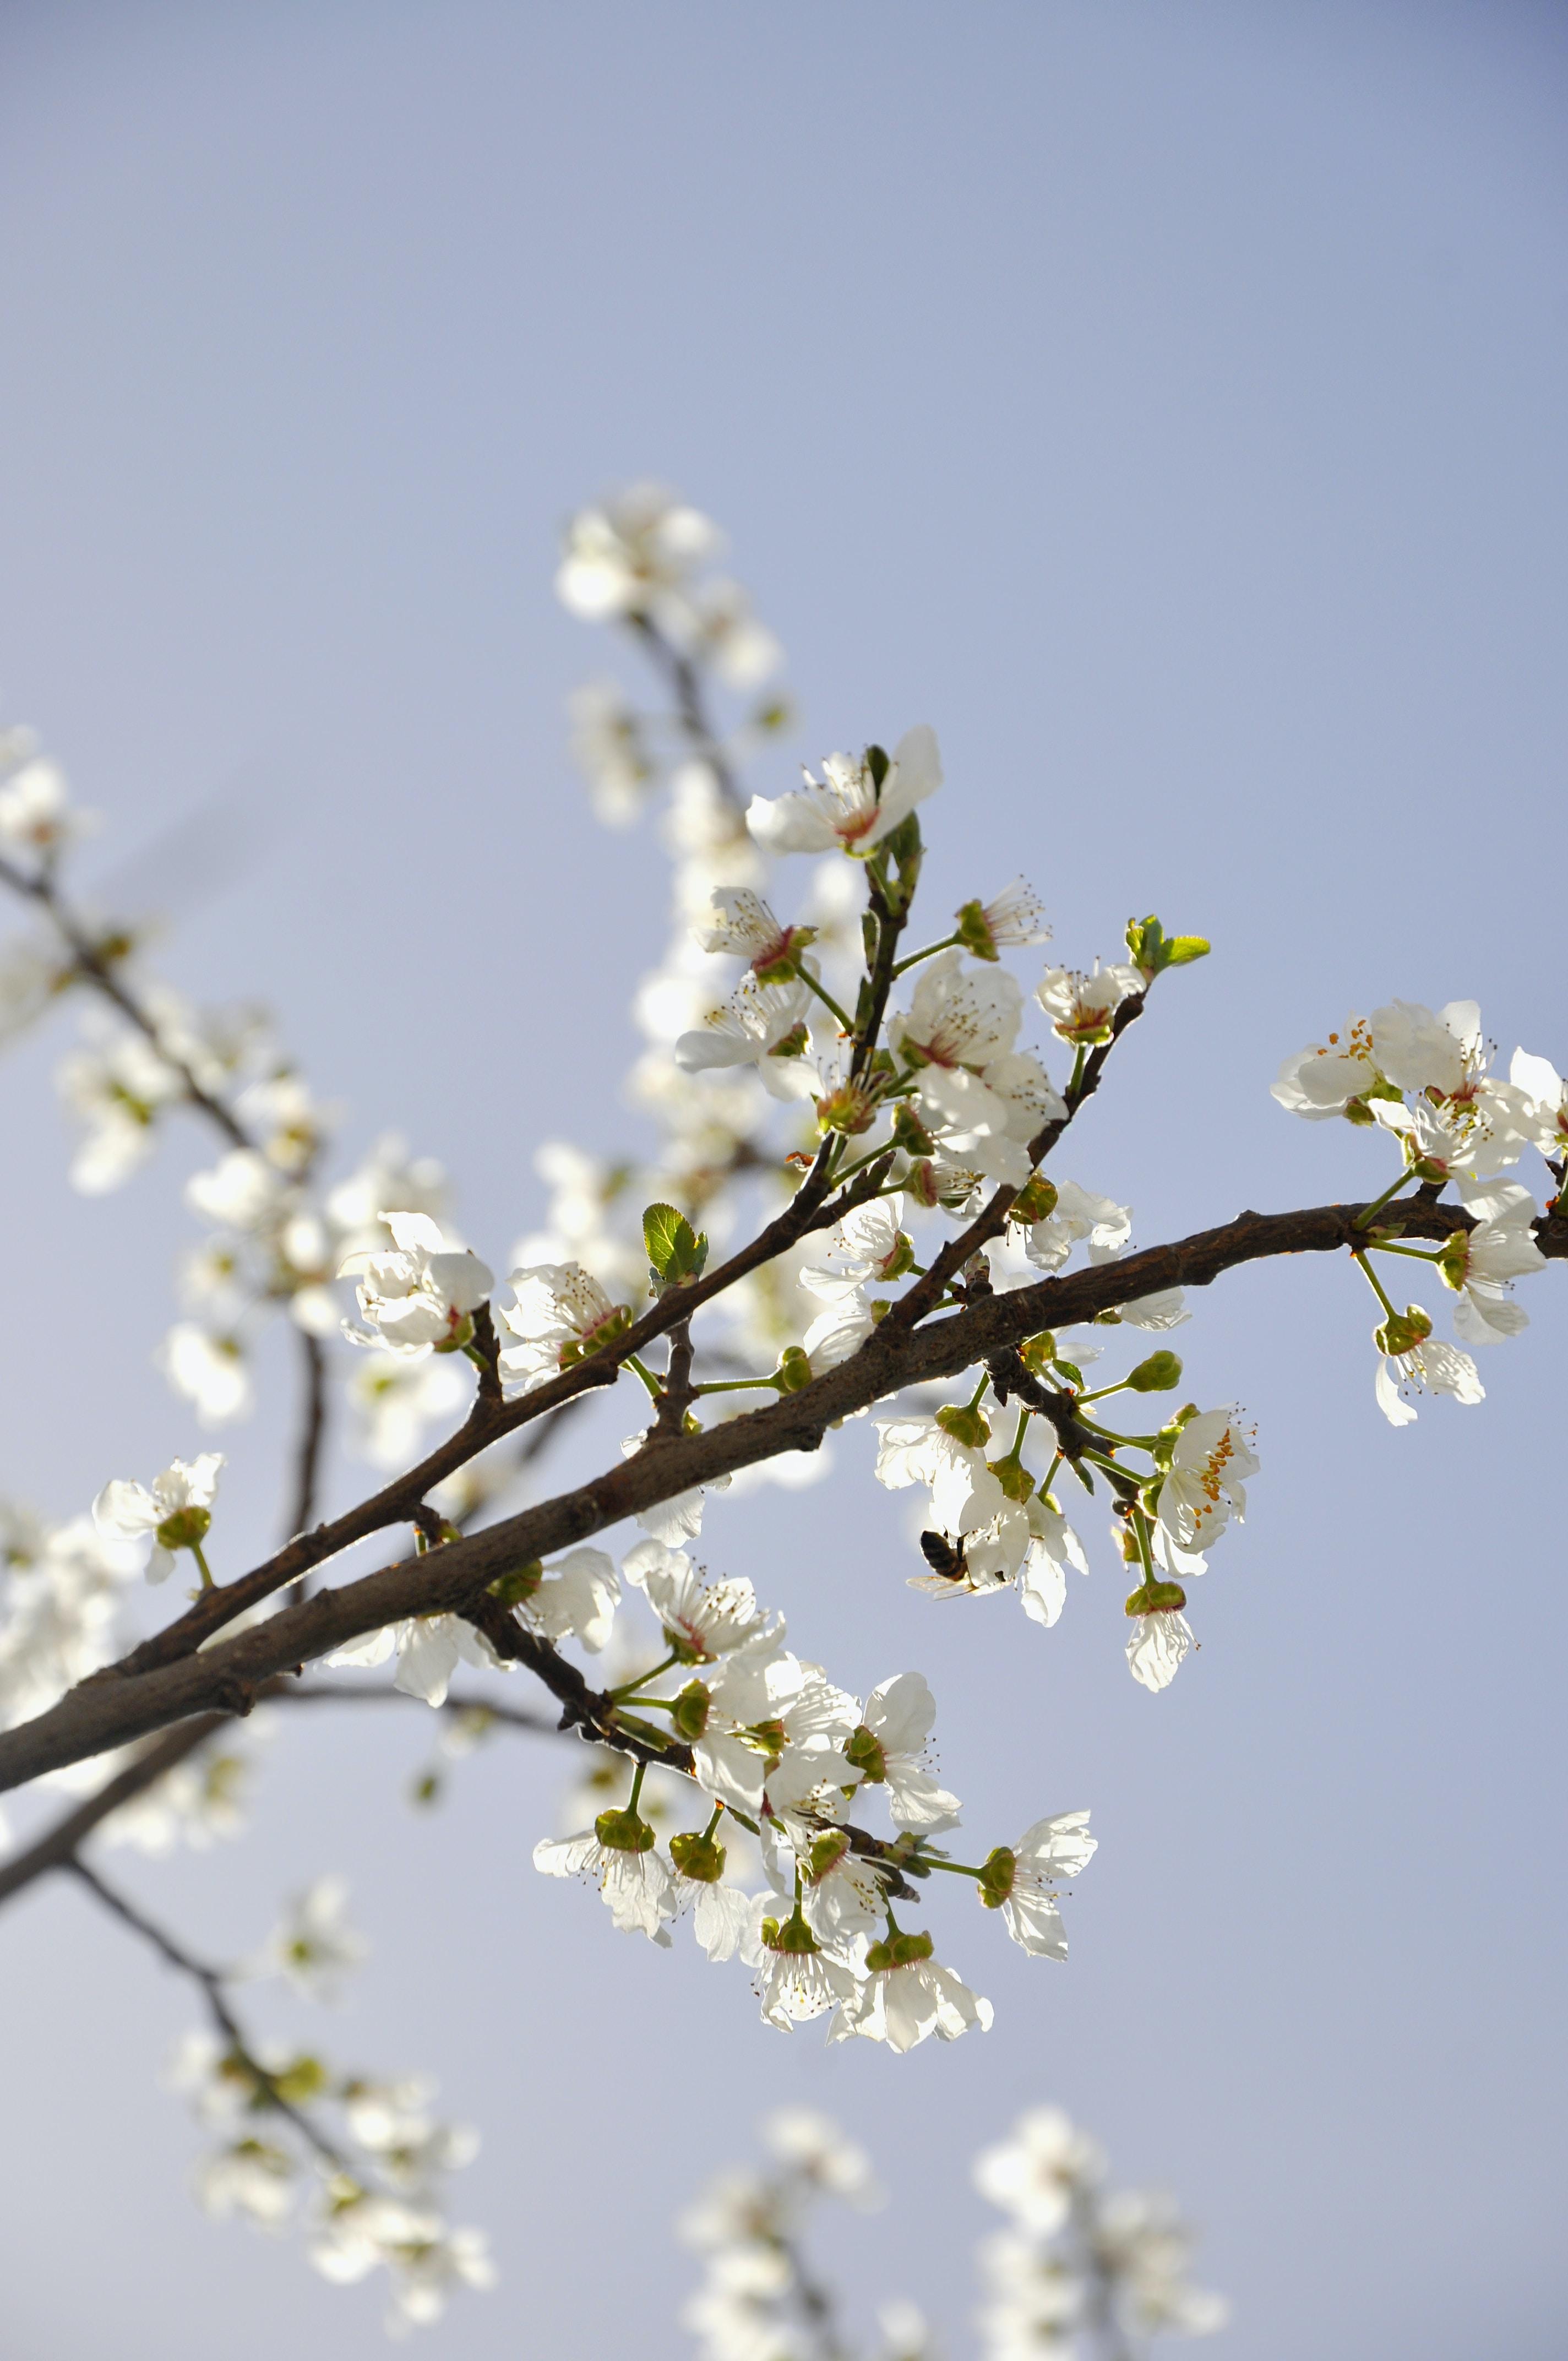 tilt shift lens photography of white flowers